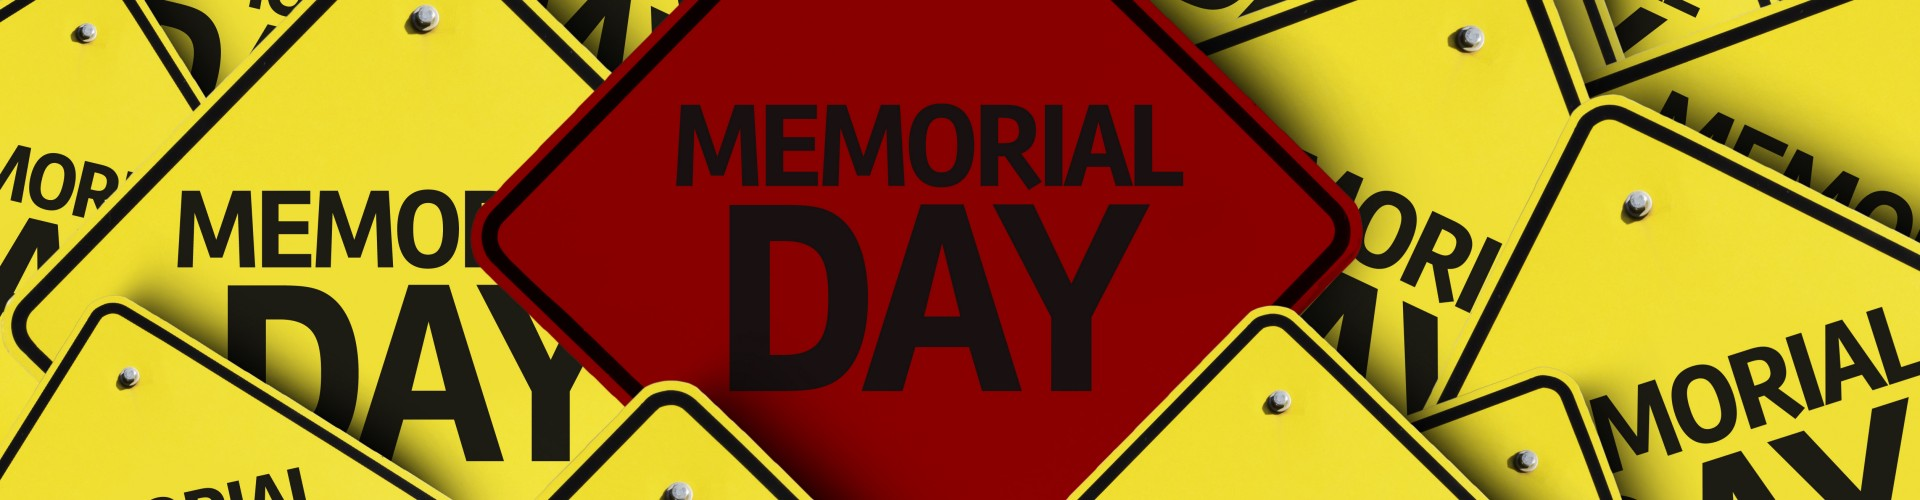 Memorial day specials ad